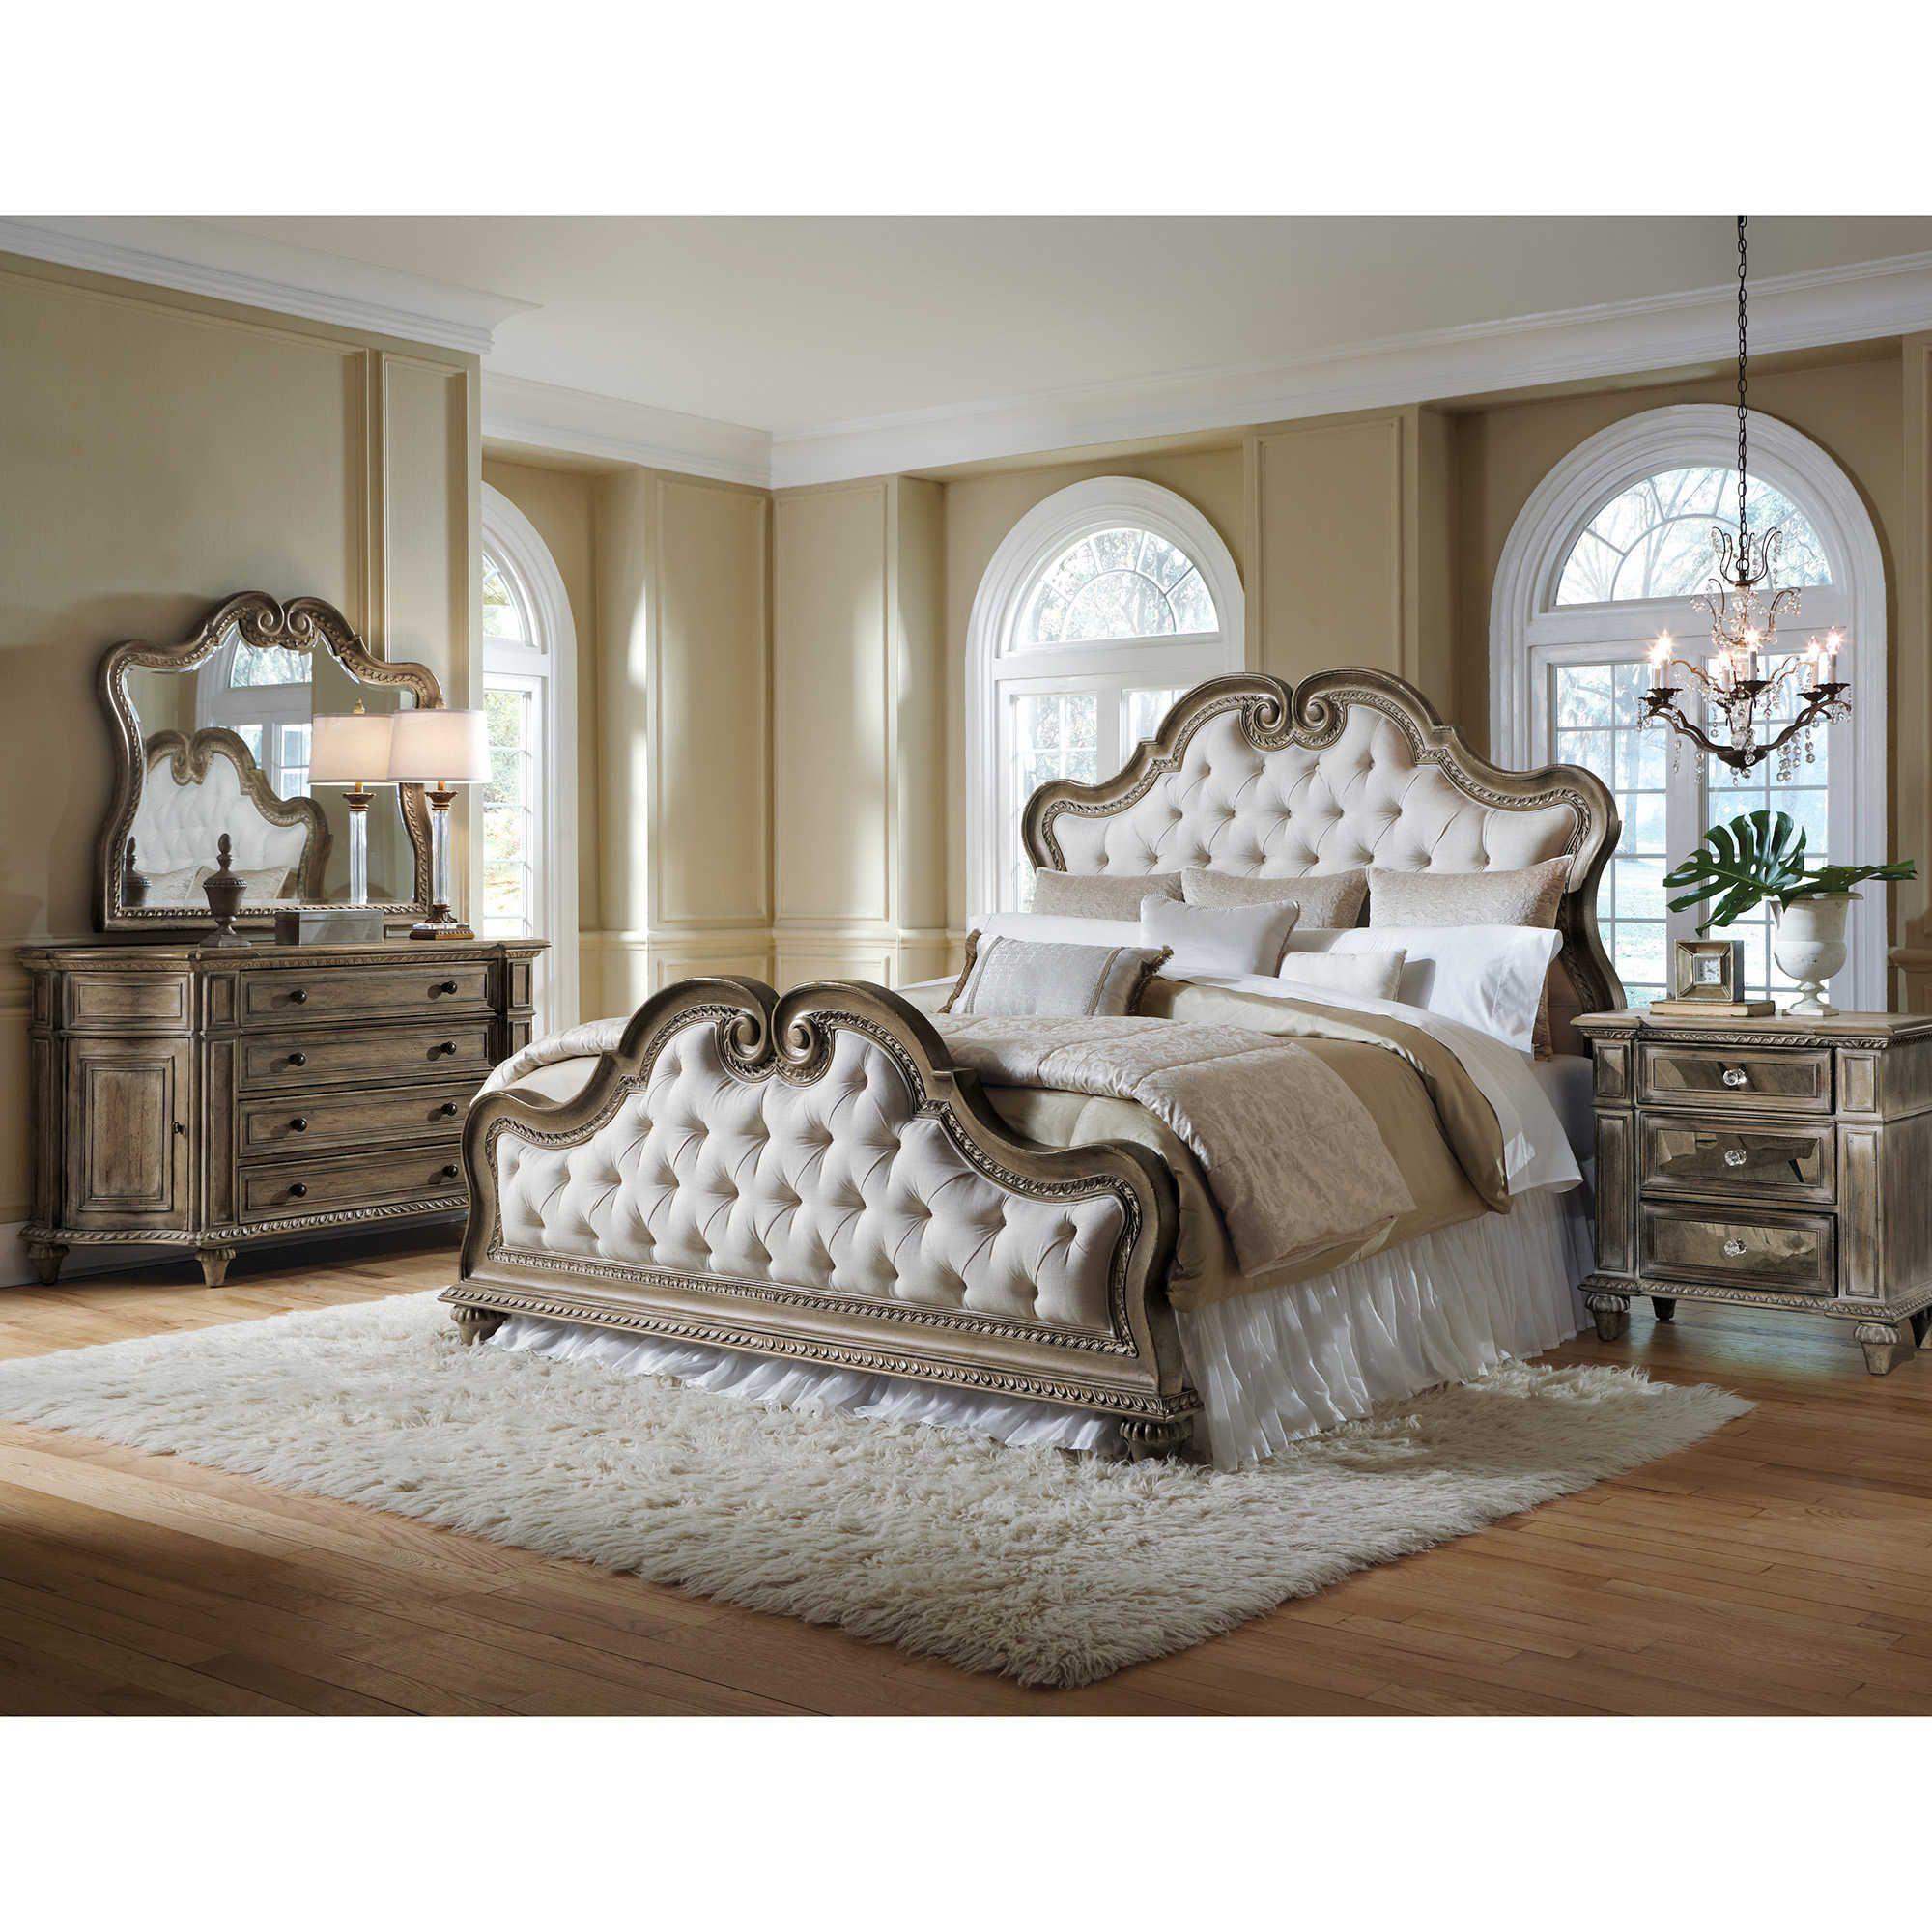 PDP main image Bedroom furniture sets, Upholstered